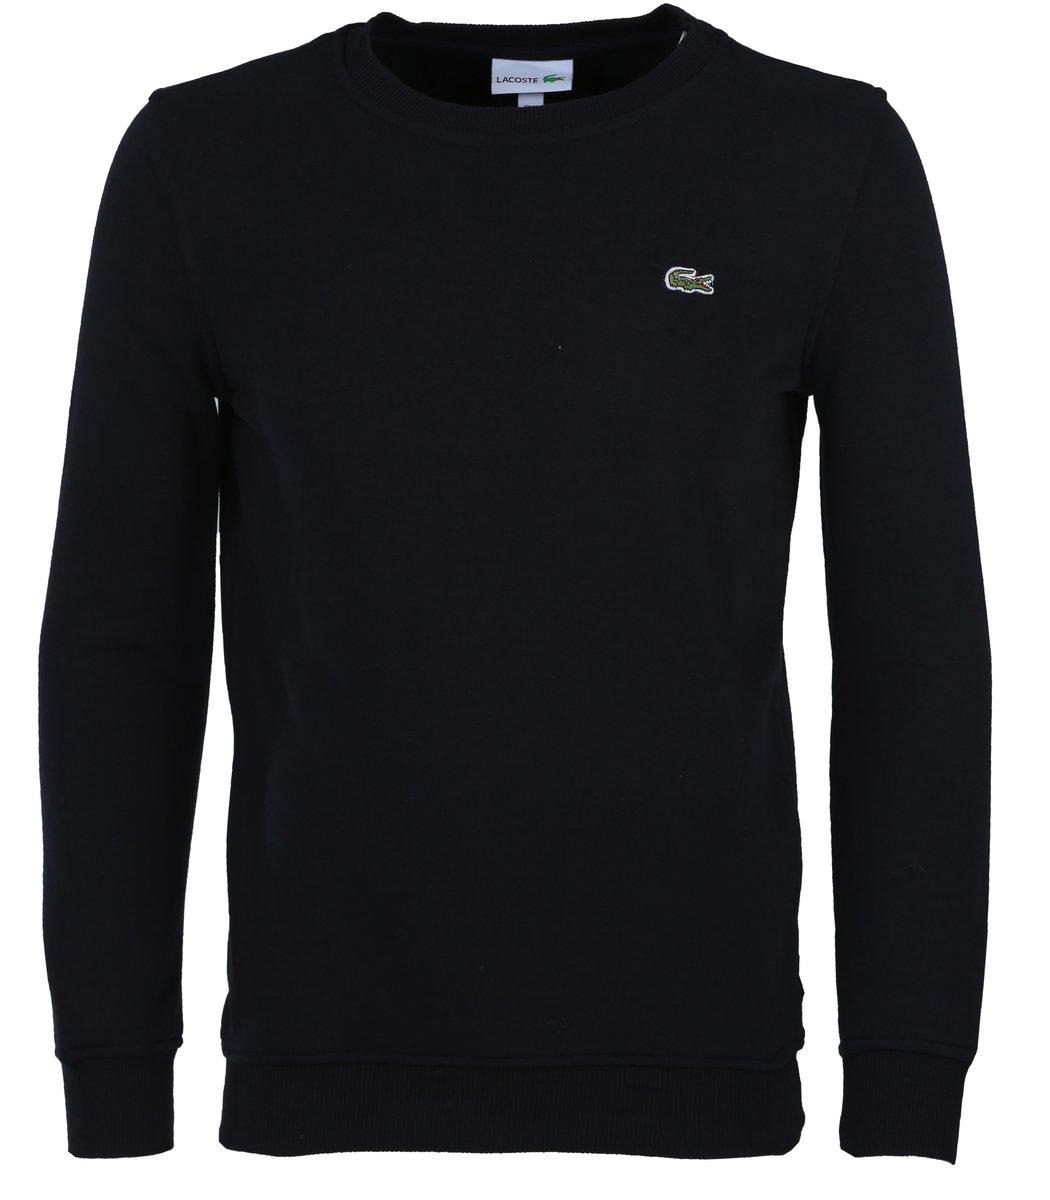 Тёмно-синий свитшот Lacoste SL1